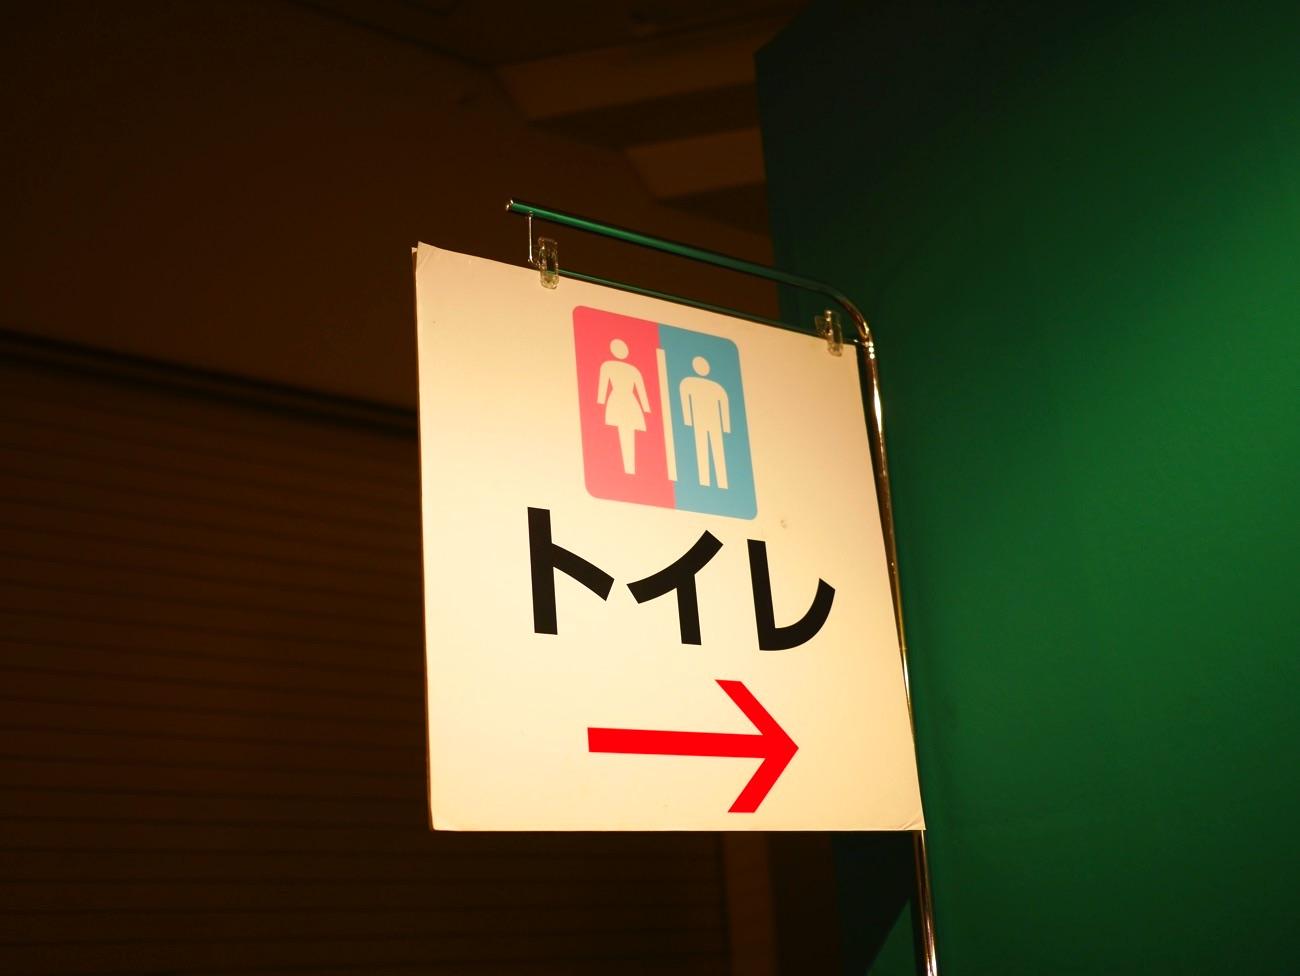 トイレは出口付近にある